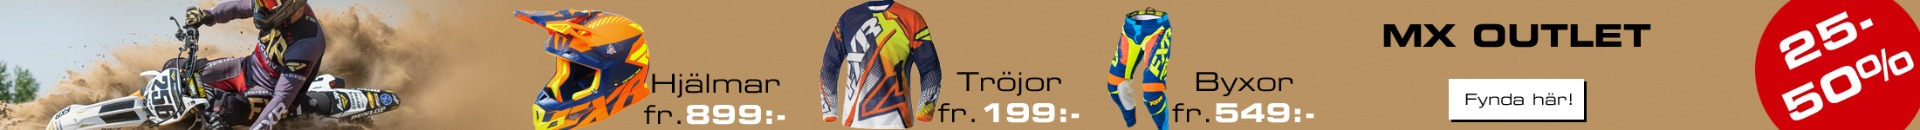 FXR Shoppen Lagerrensning - 25-50% på FXR crosskläder